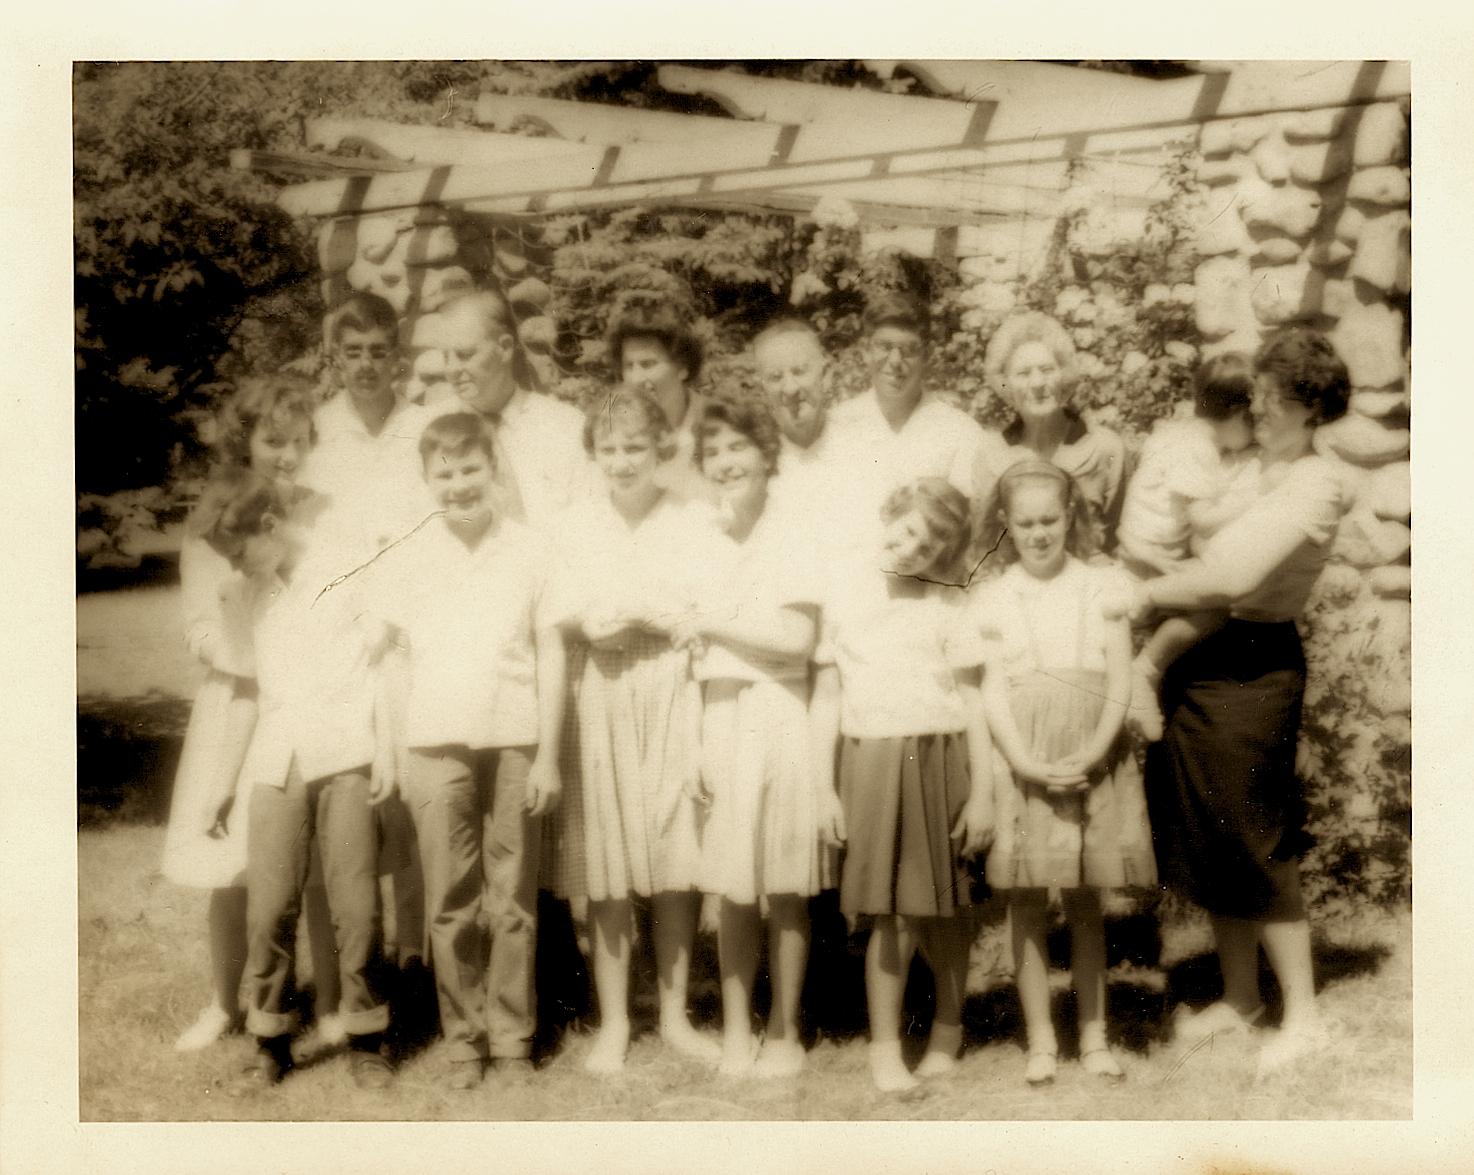 Hacken-Jones-Ogilvie Reunion, 1959